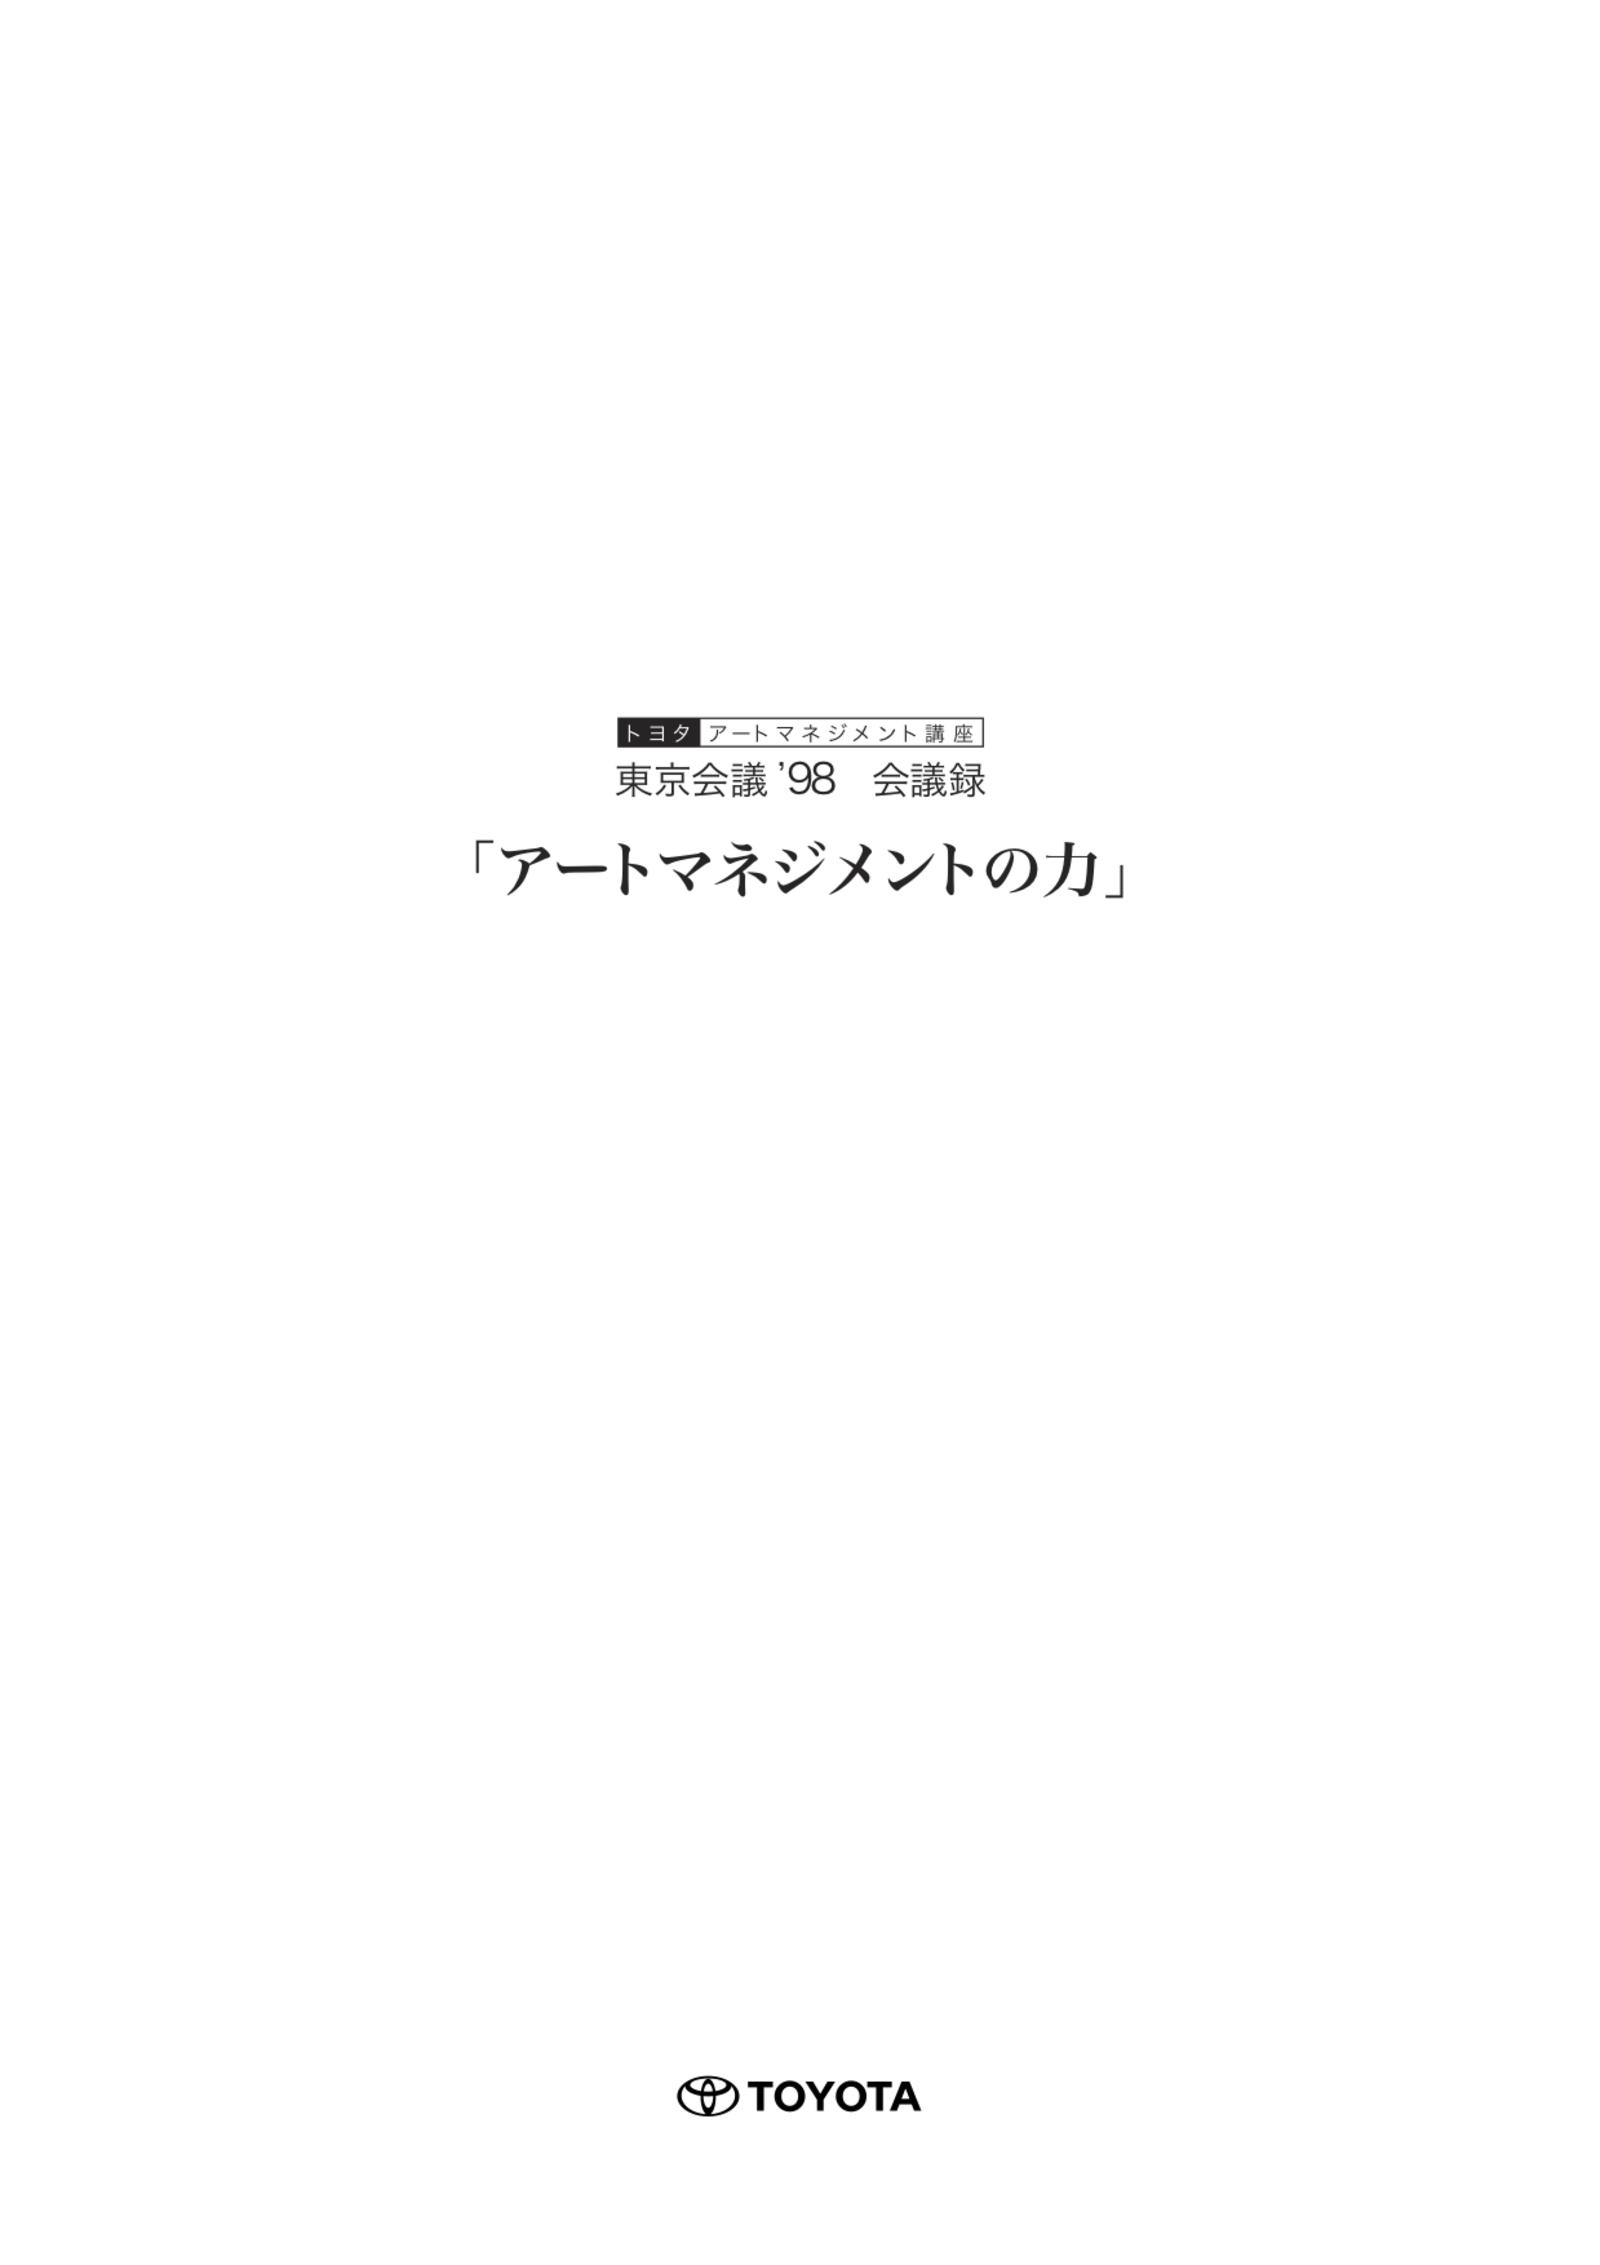 『アートマネジメントの力―東京会議 '98 会議録』